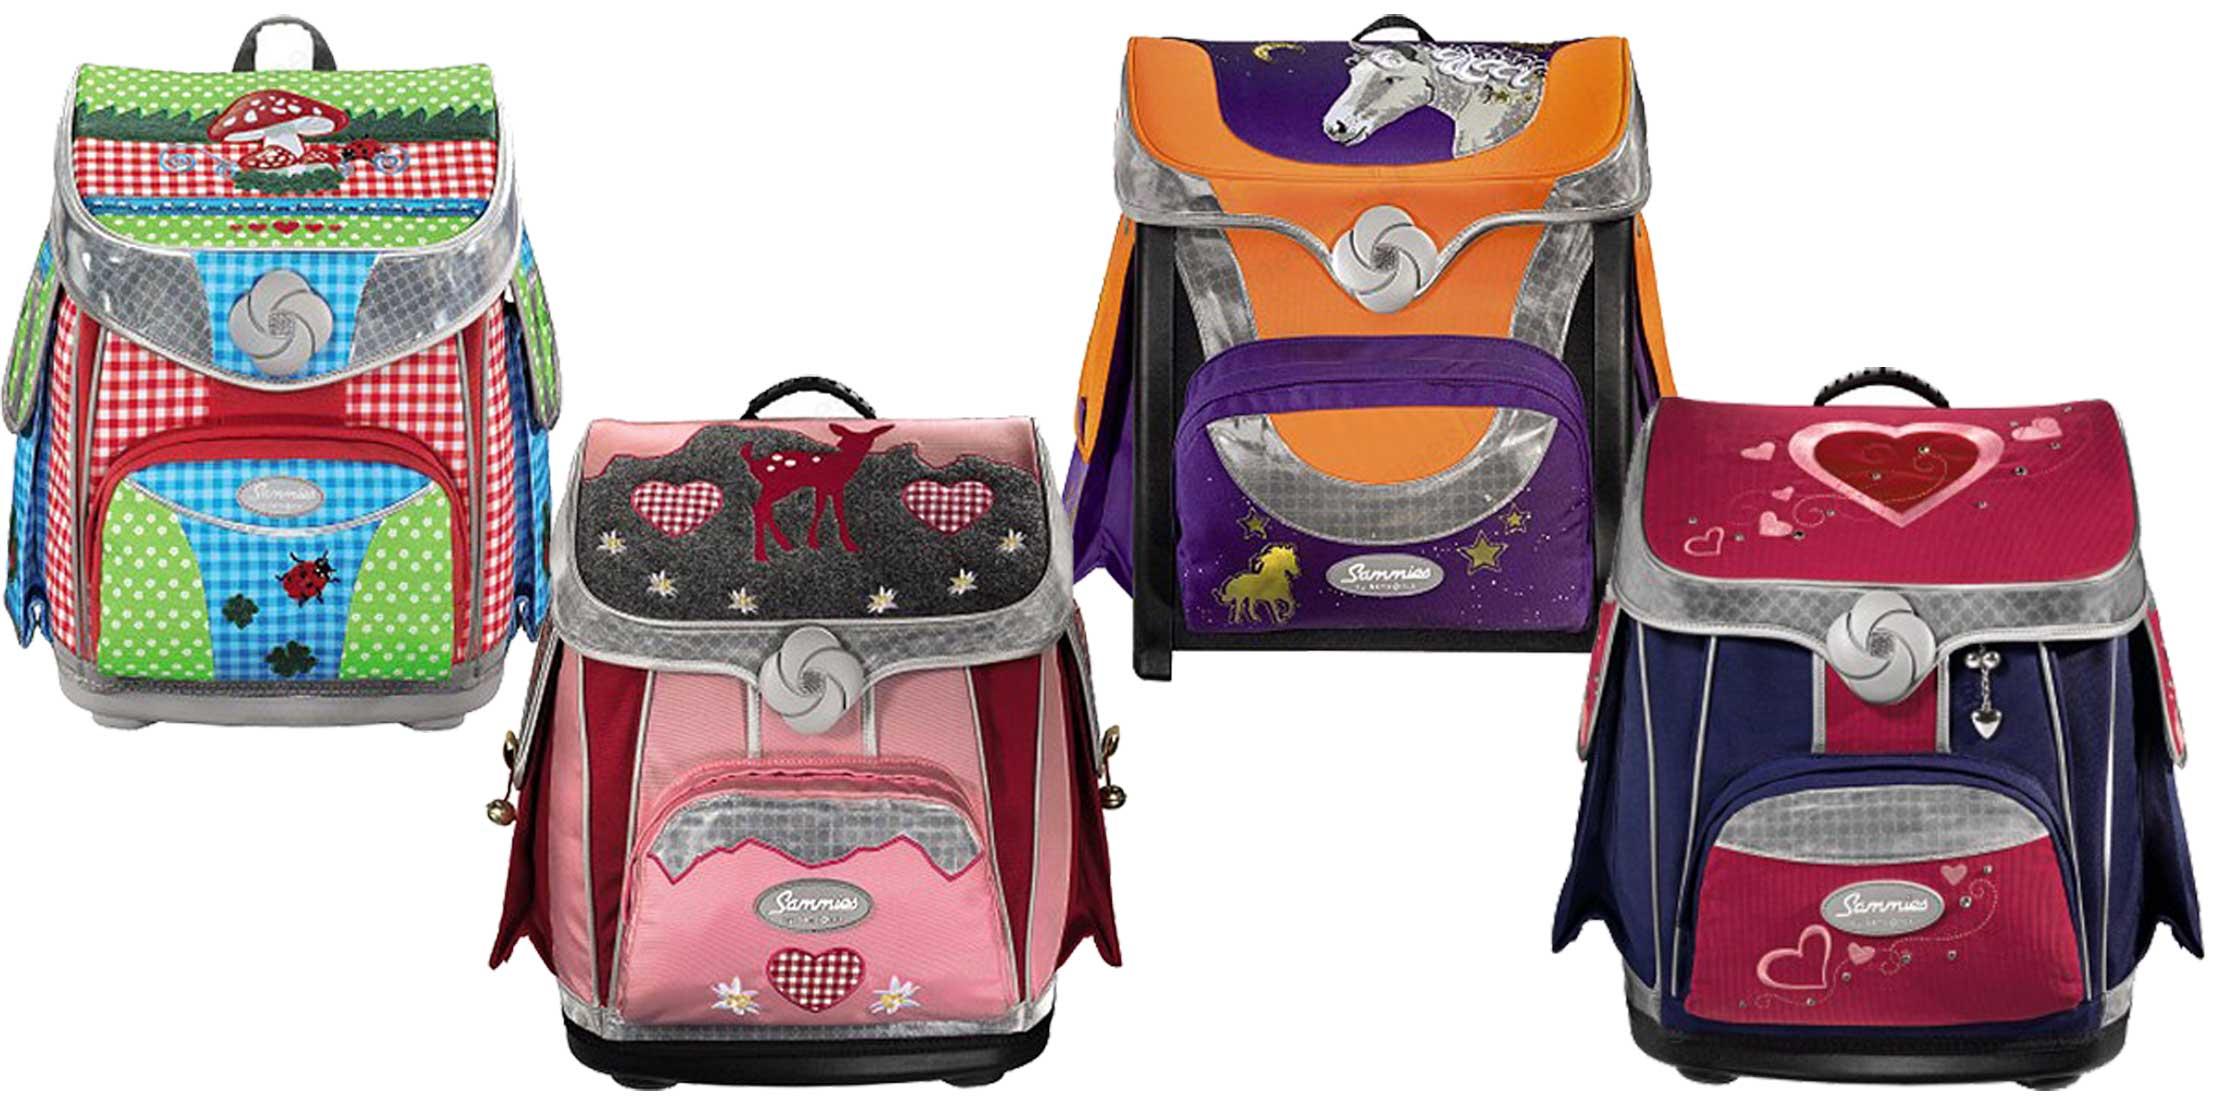 Školské tašky pre prvákov Hello kitty predaj online eshop 8fec324eb25